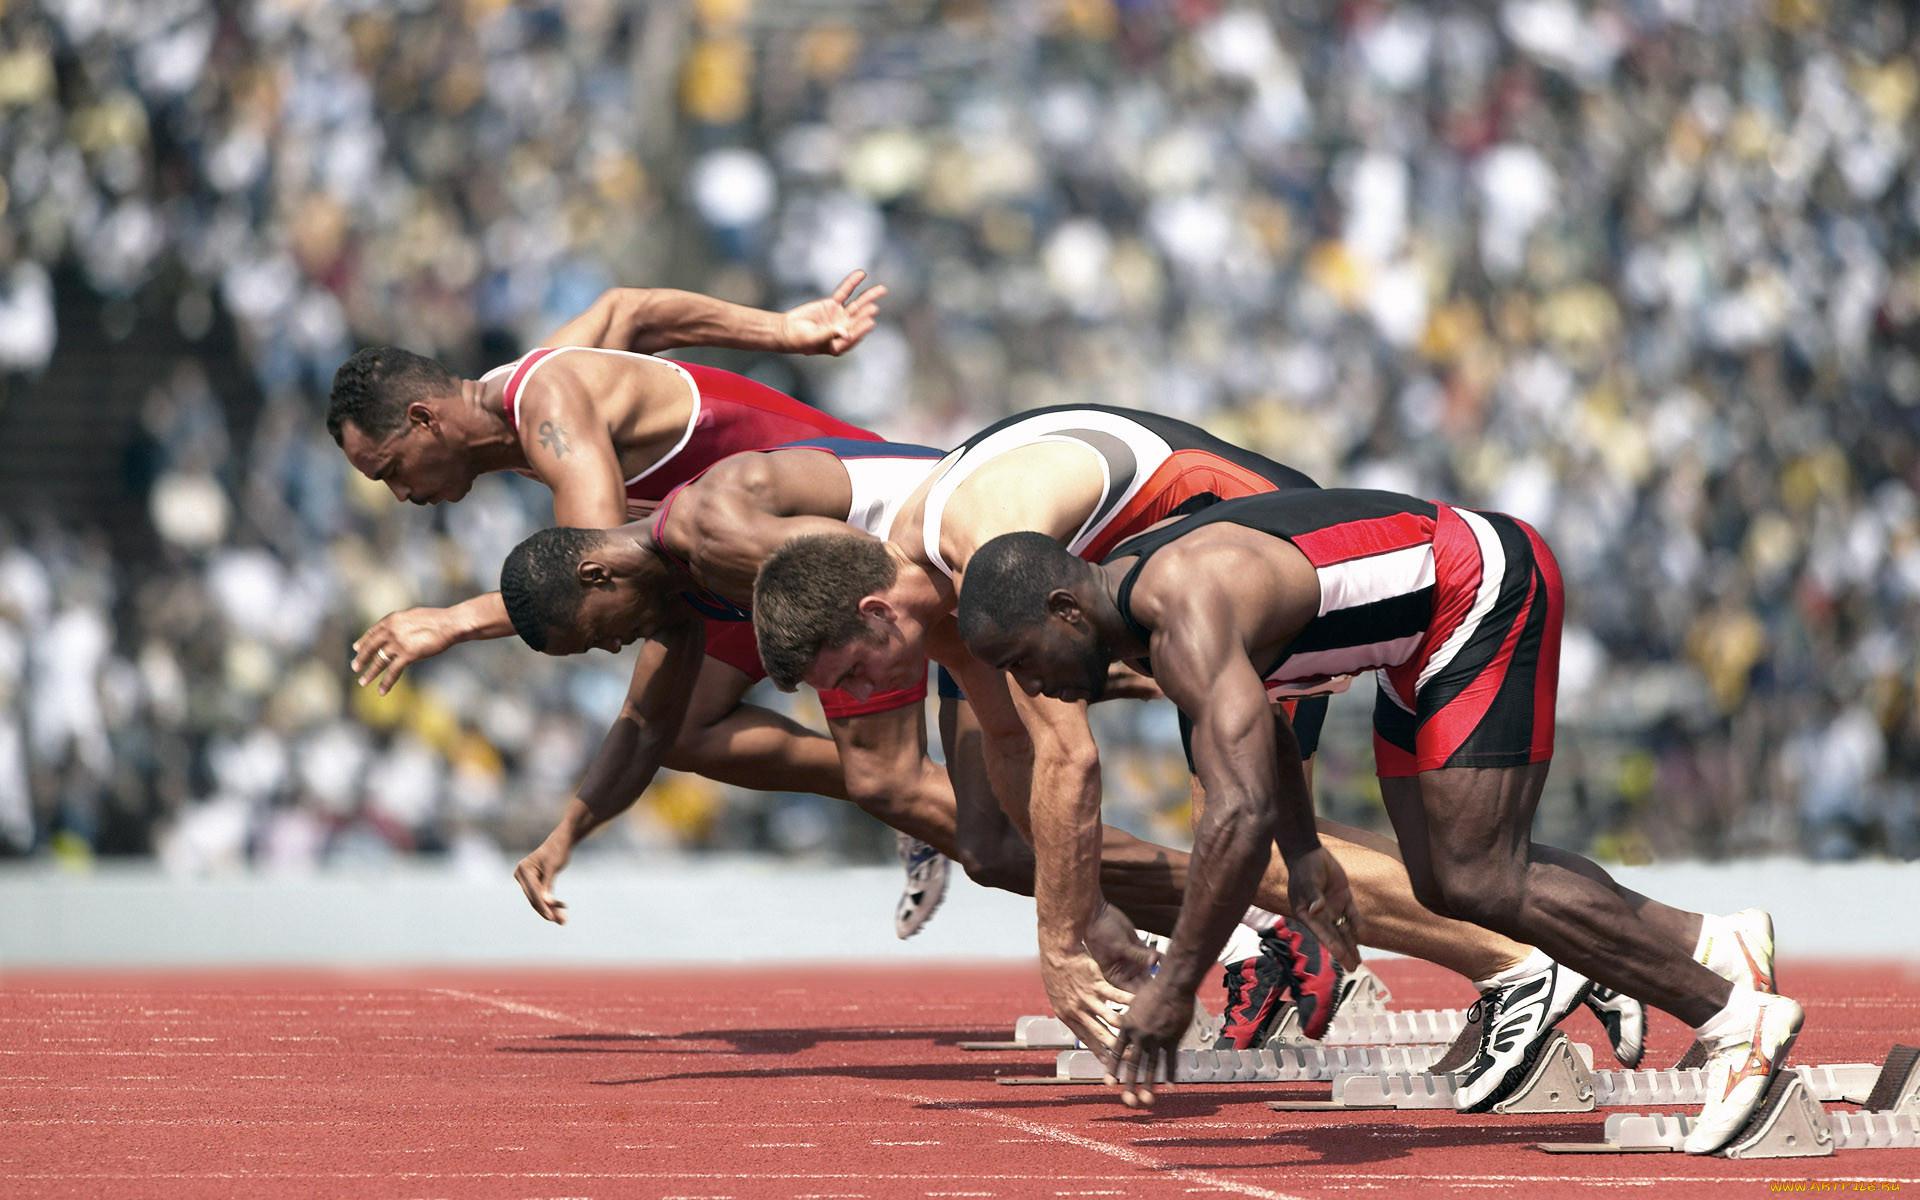 фотографии про спорт